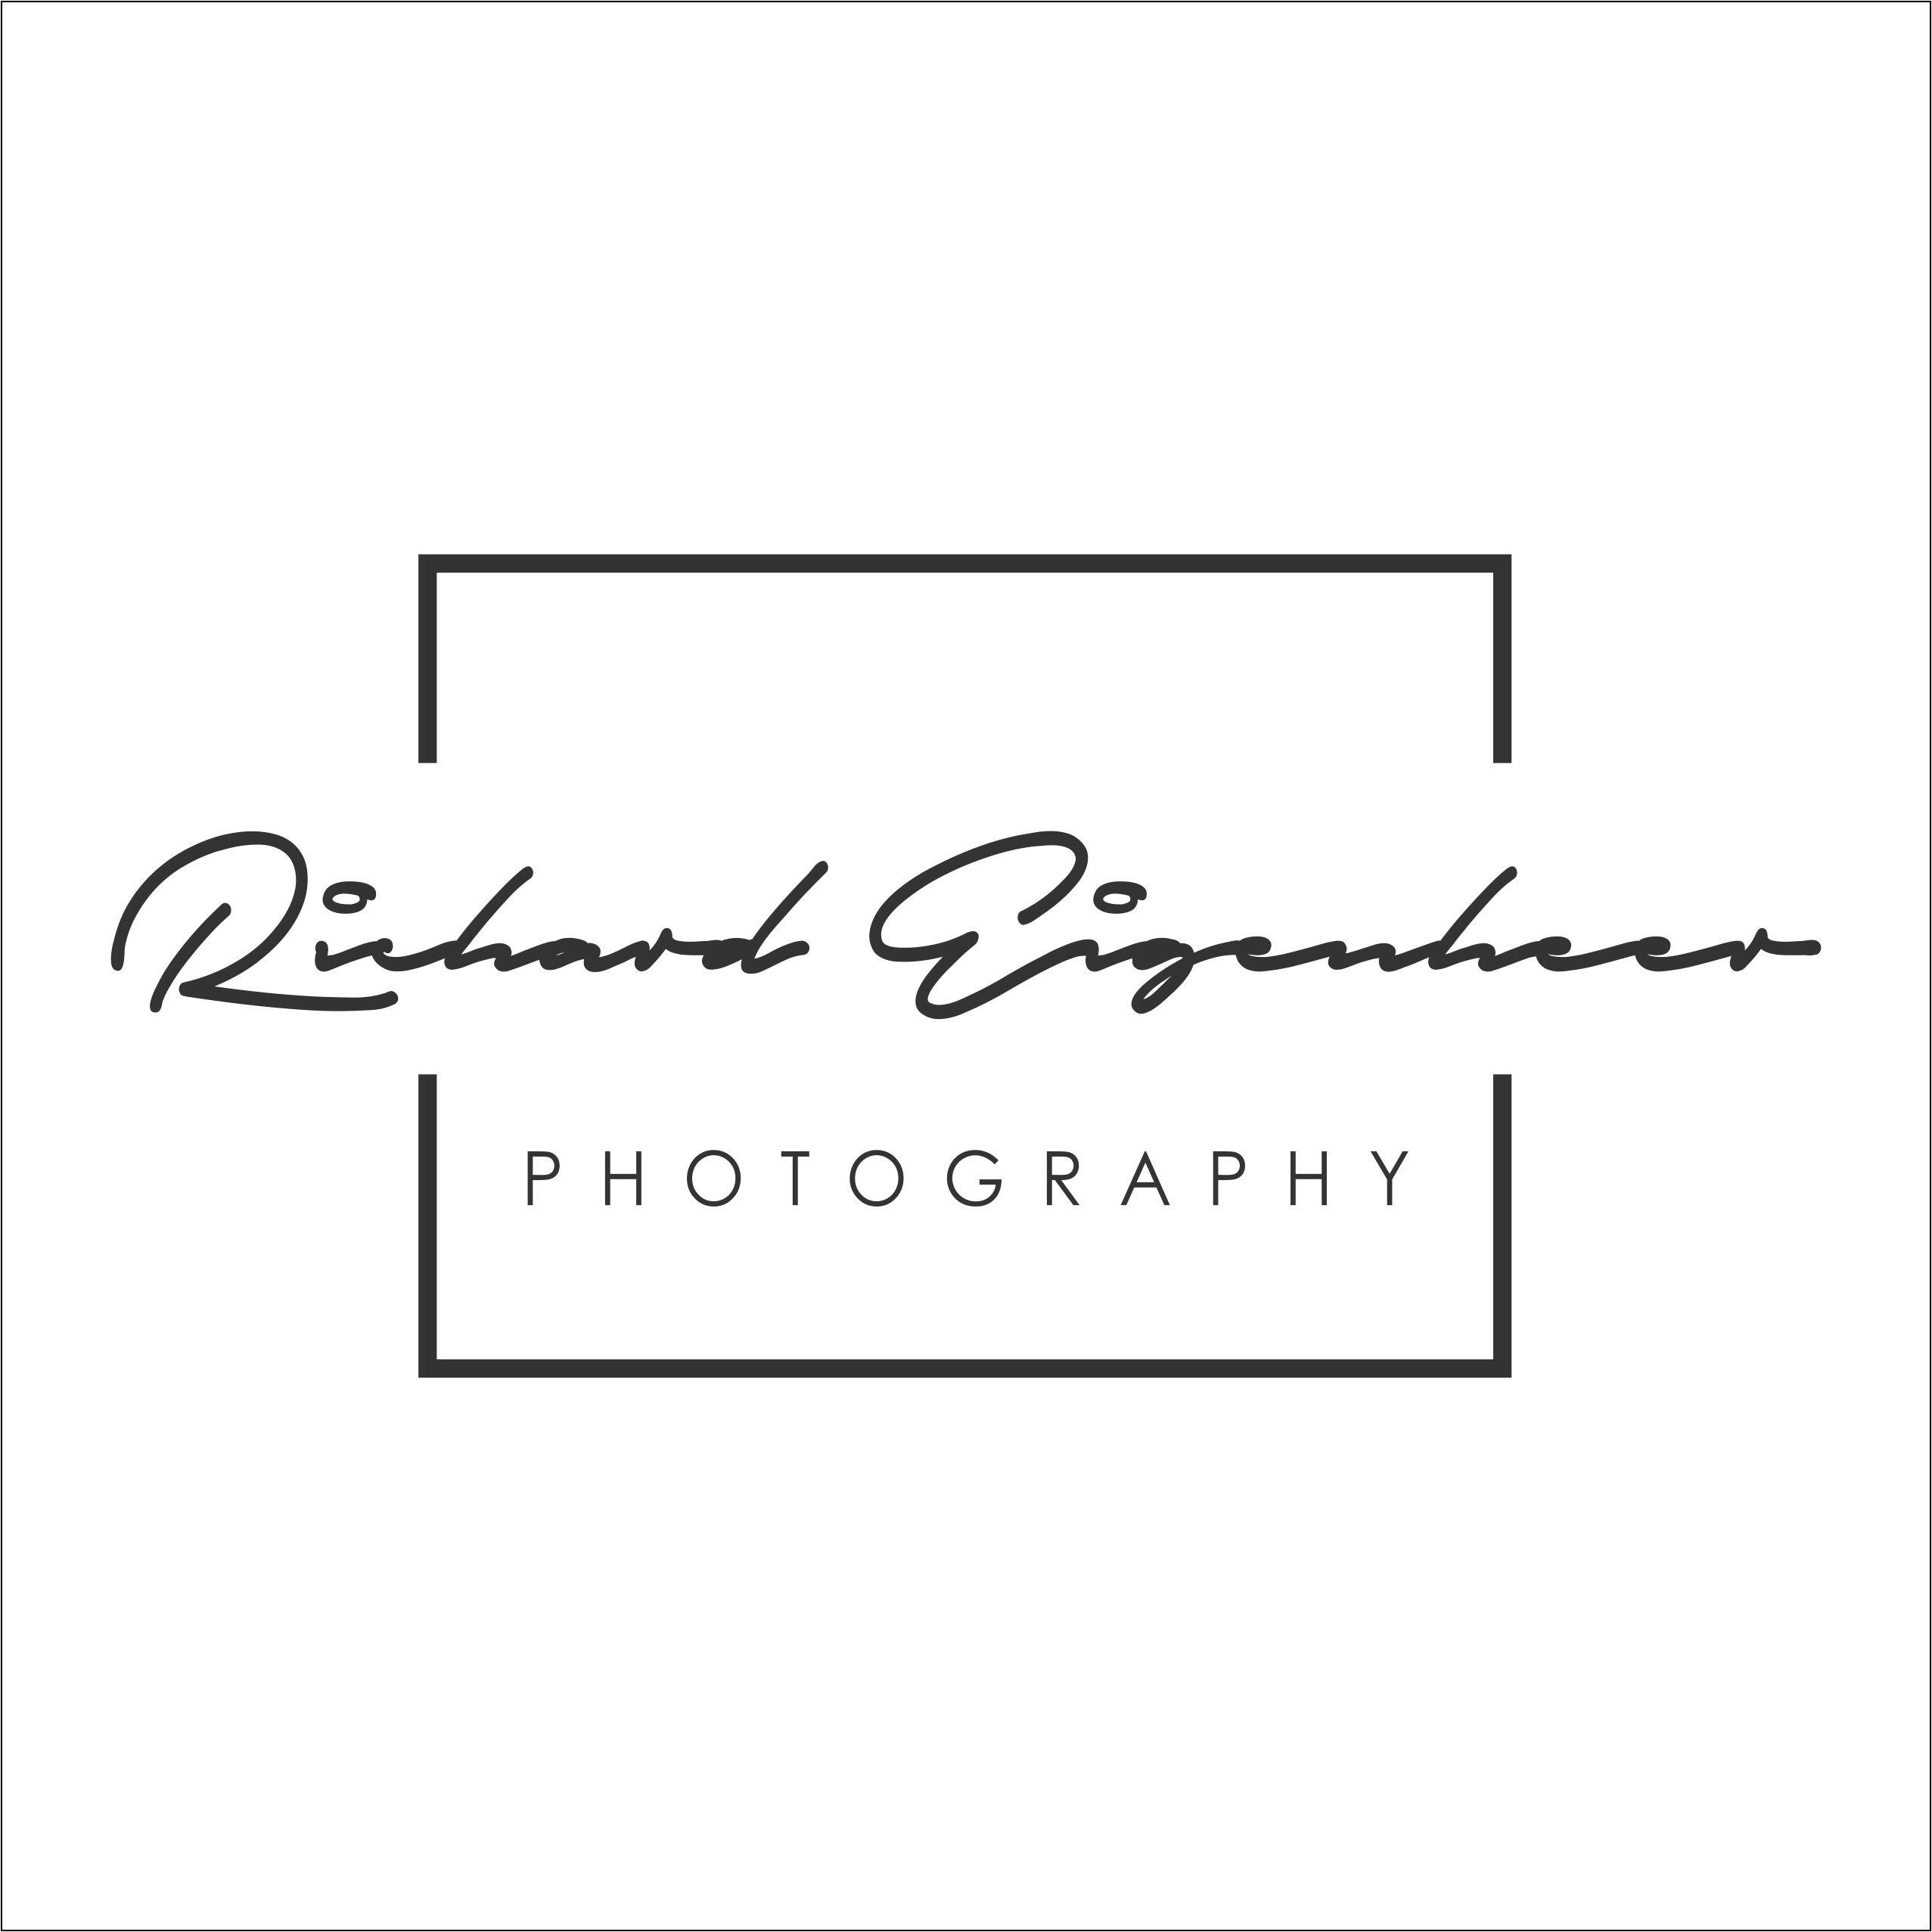 Logo / Signature for wildlife/animal/landscape photographer